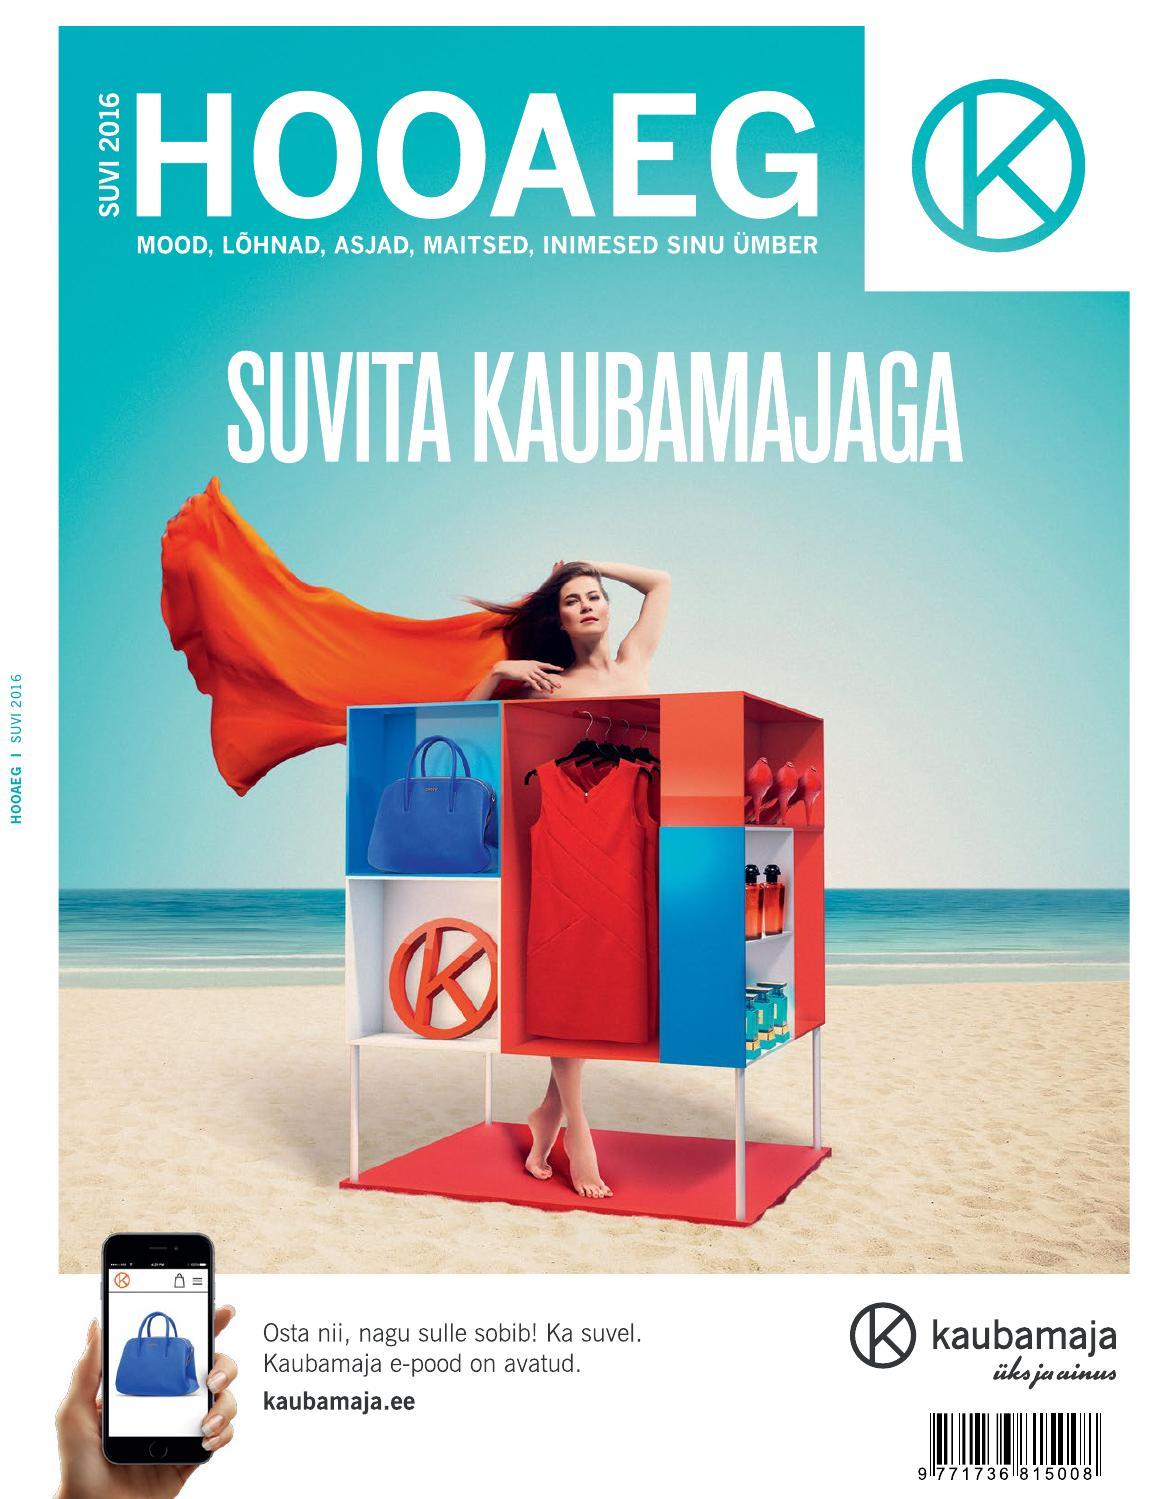 d78d028c06c Hooaeg suvi 2015 by Kaubamaja - issuu